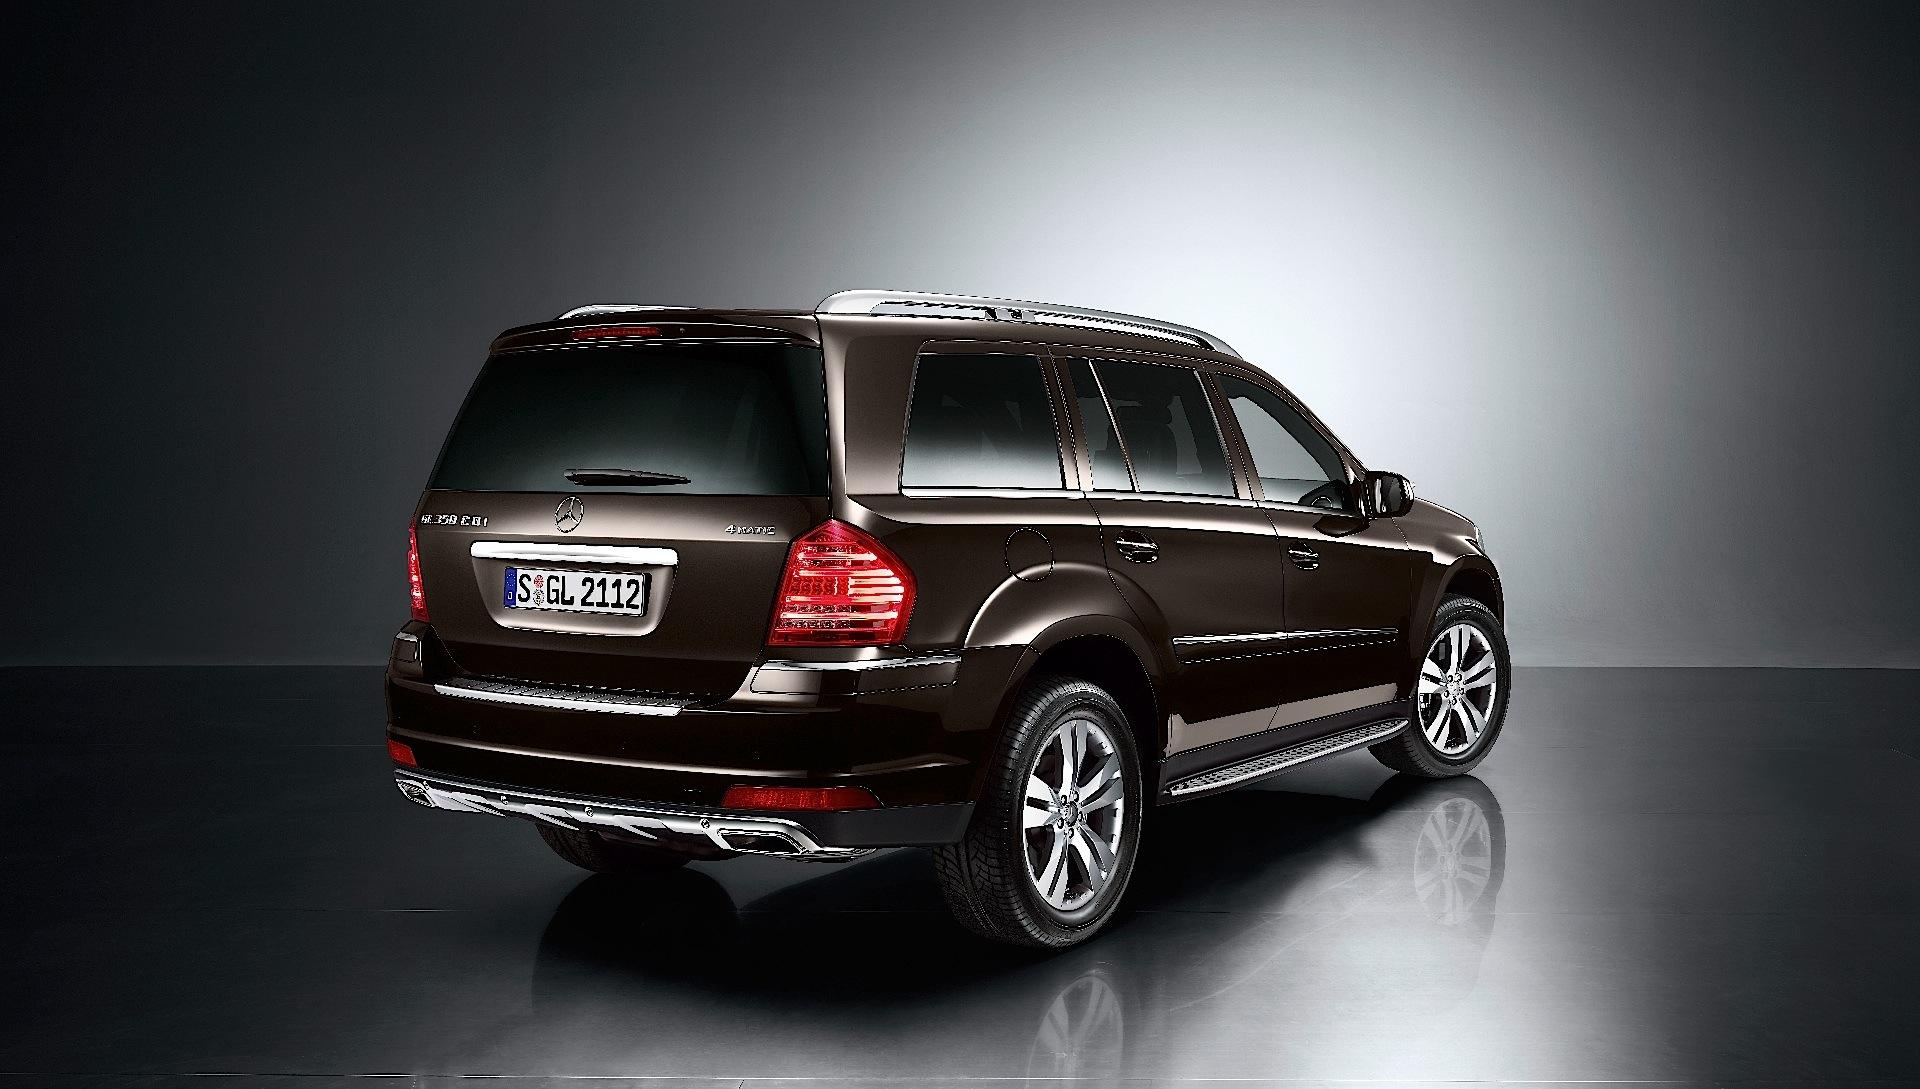 Mercedes benz gl klasse x164 specs 2009 2010 2011 for 2009 mercedes benz gl550 4matic